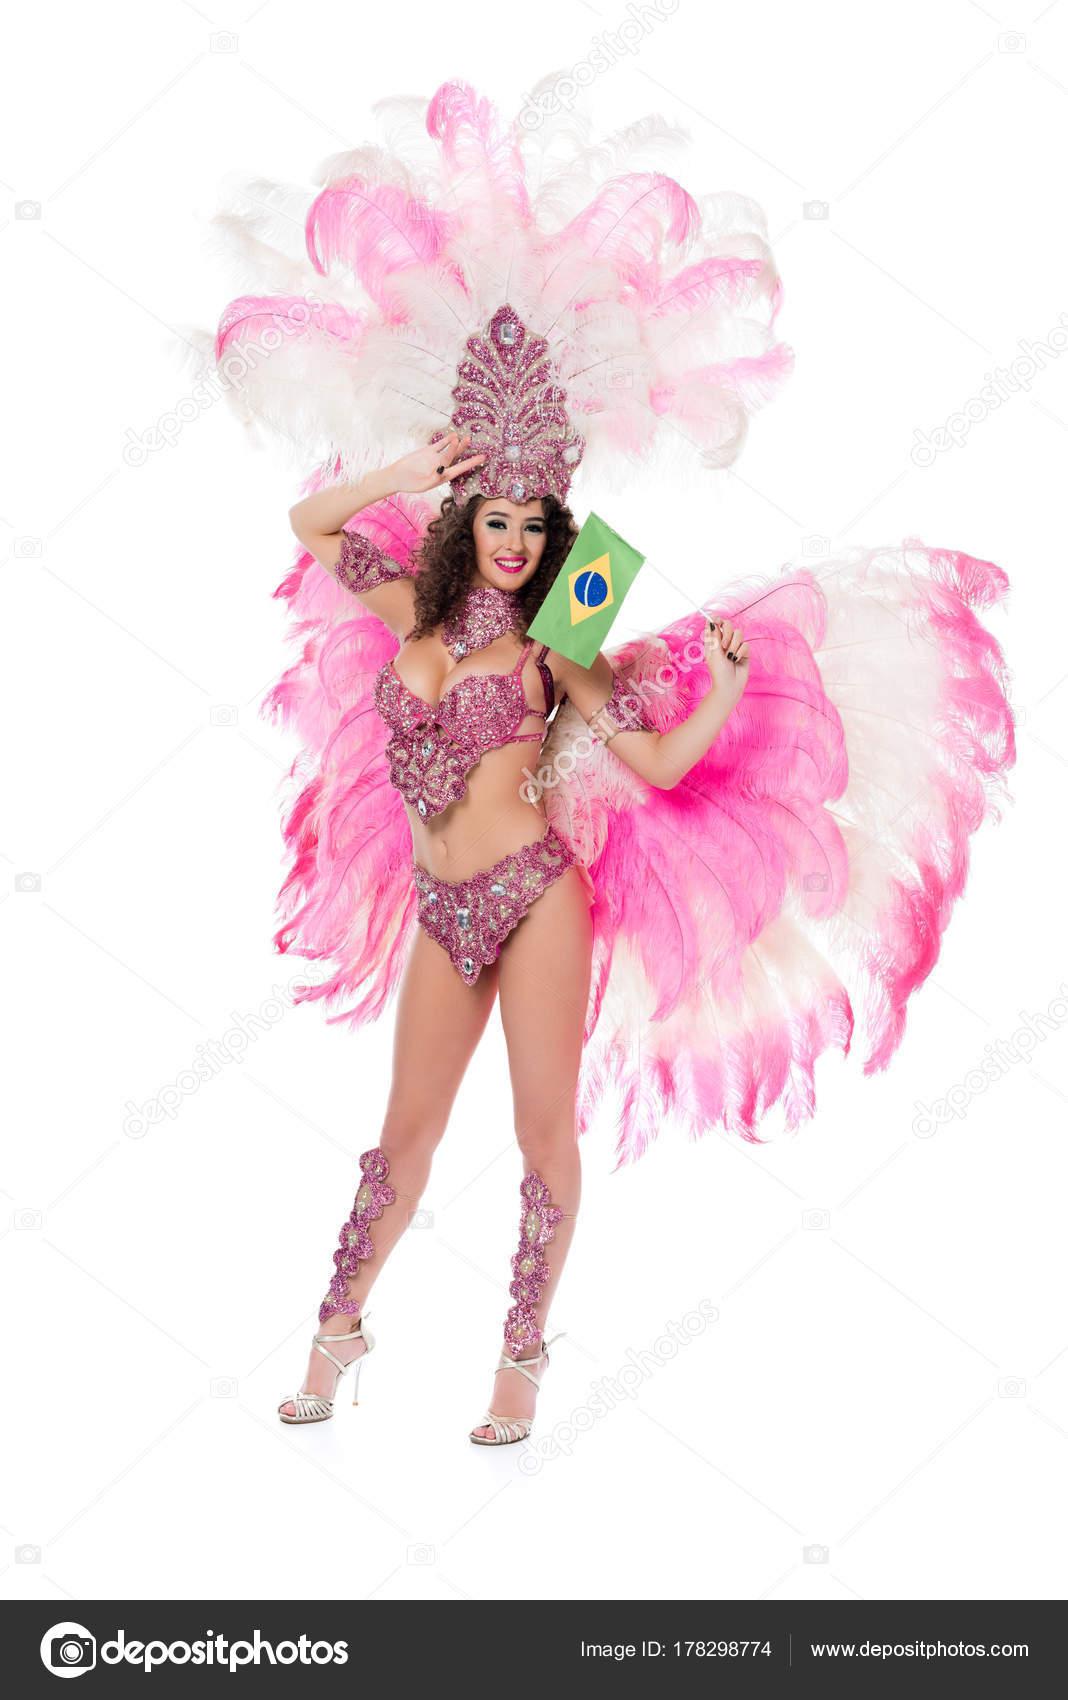 6d62344671e8 Imágenes: trajes brasileños | Sonriente Mujer Traje Carnaval ...